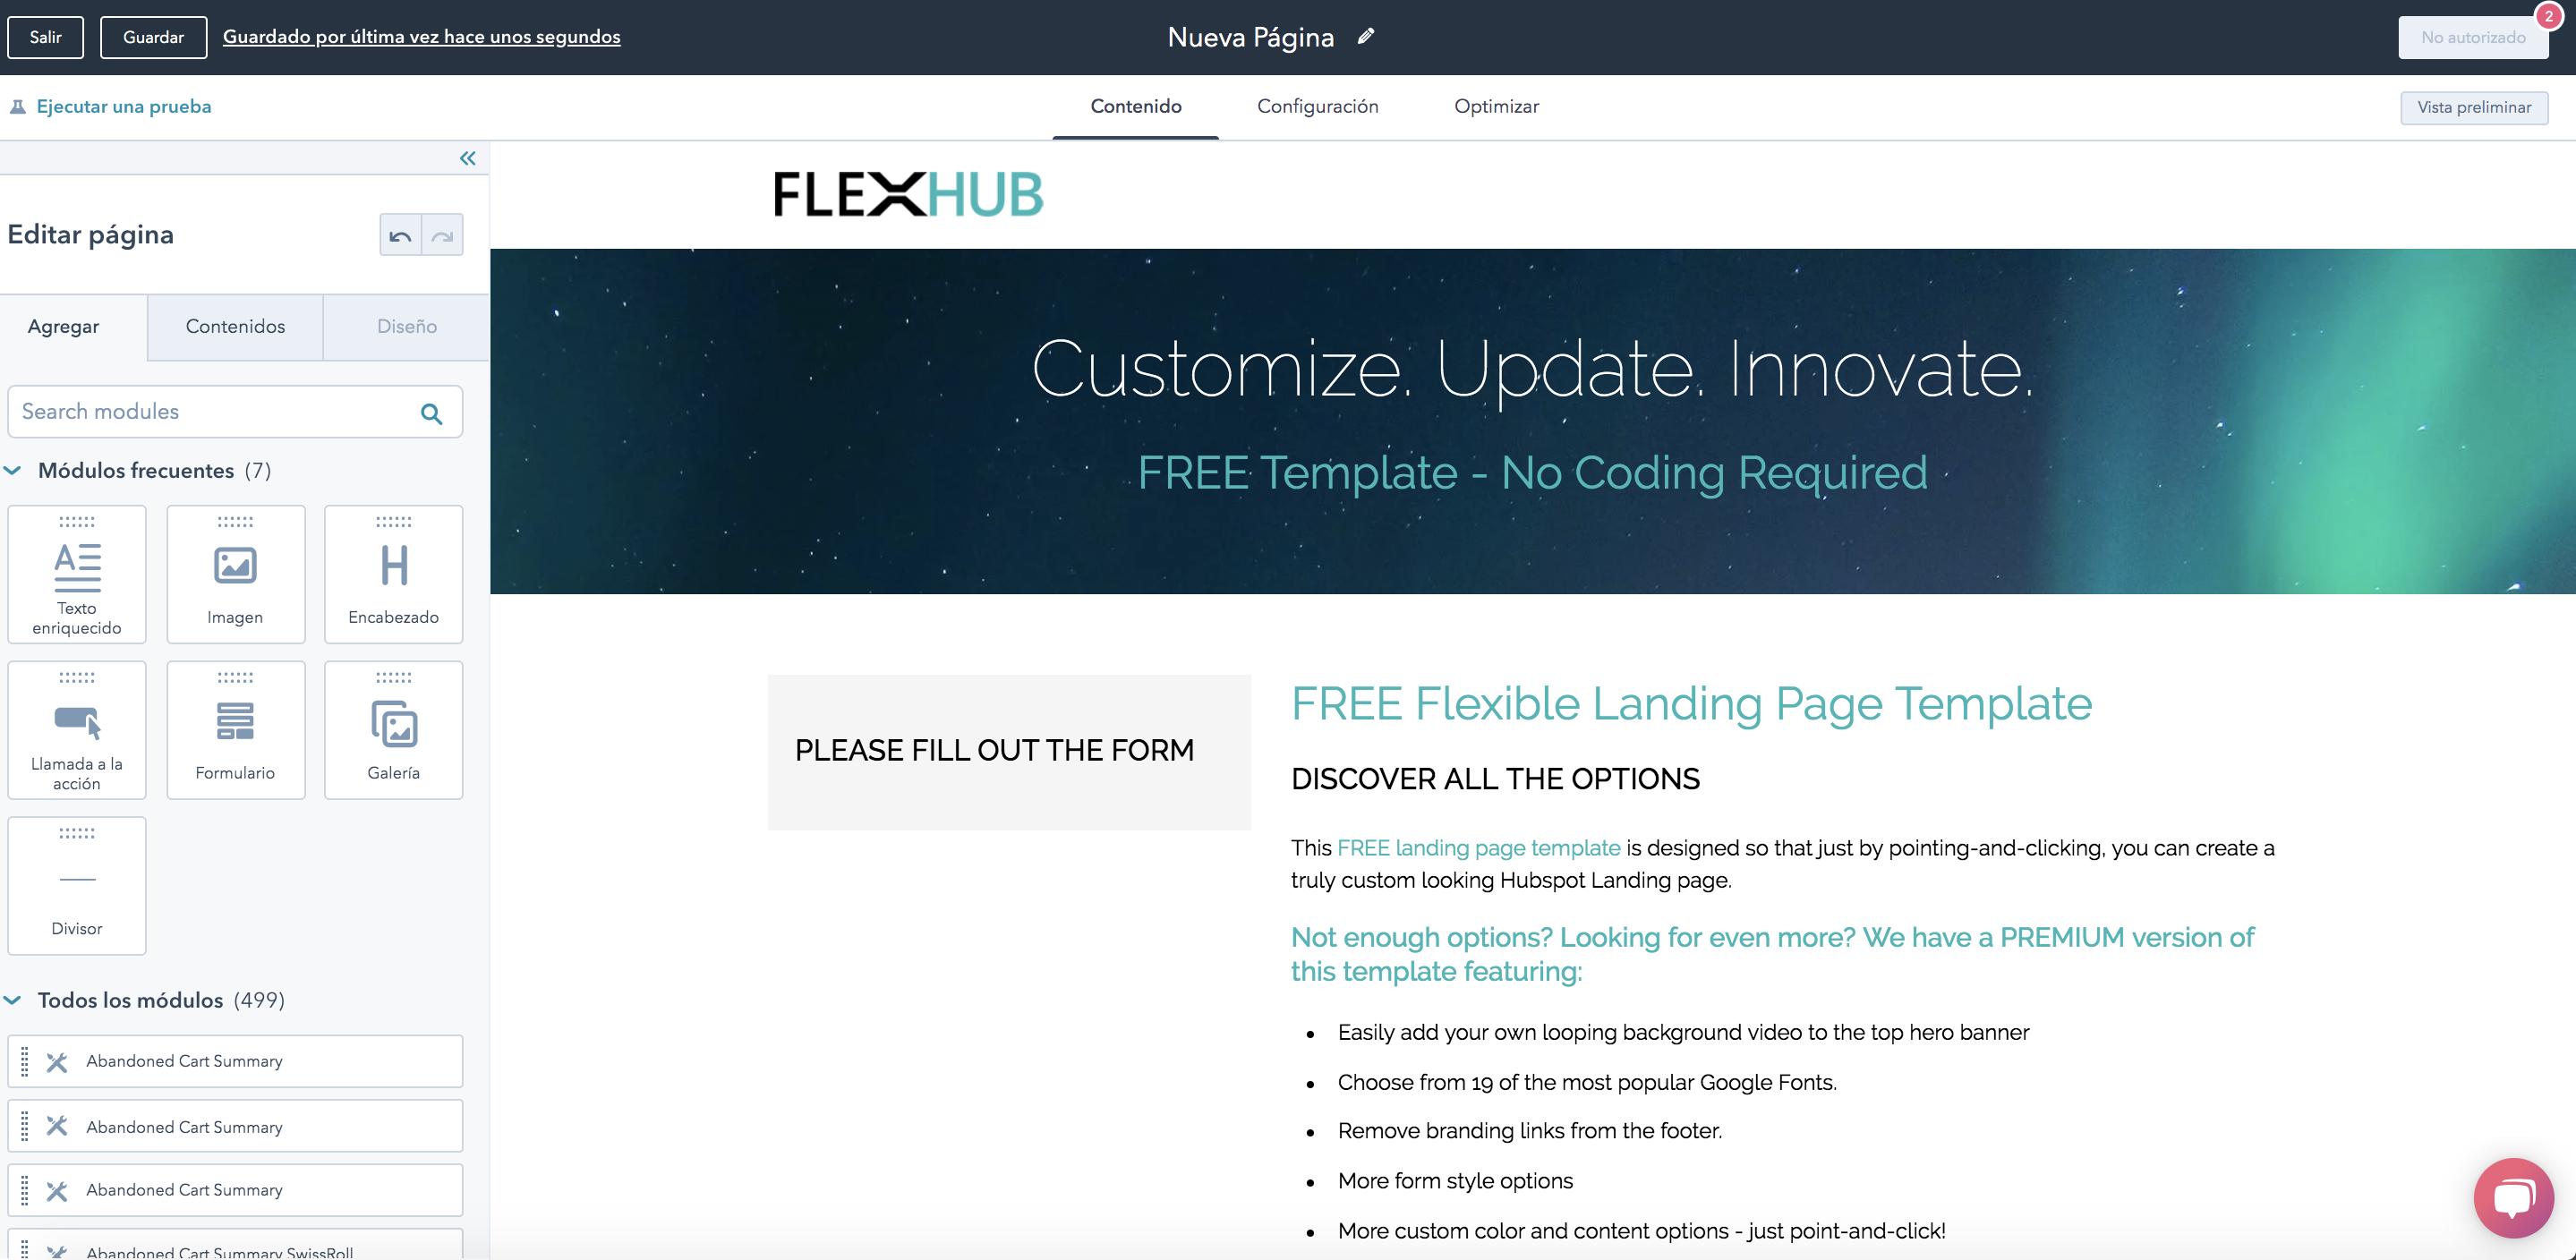 Landing page creator de HubSpot